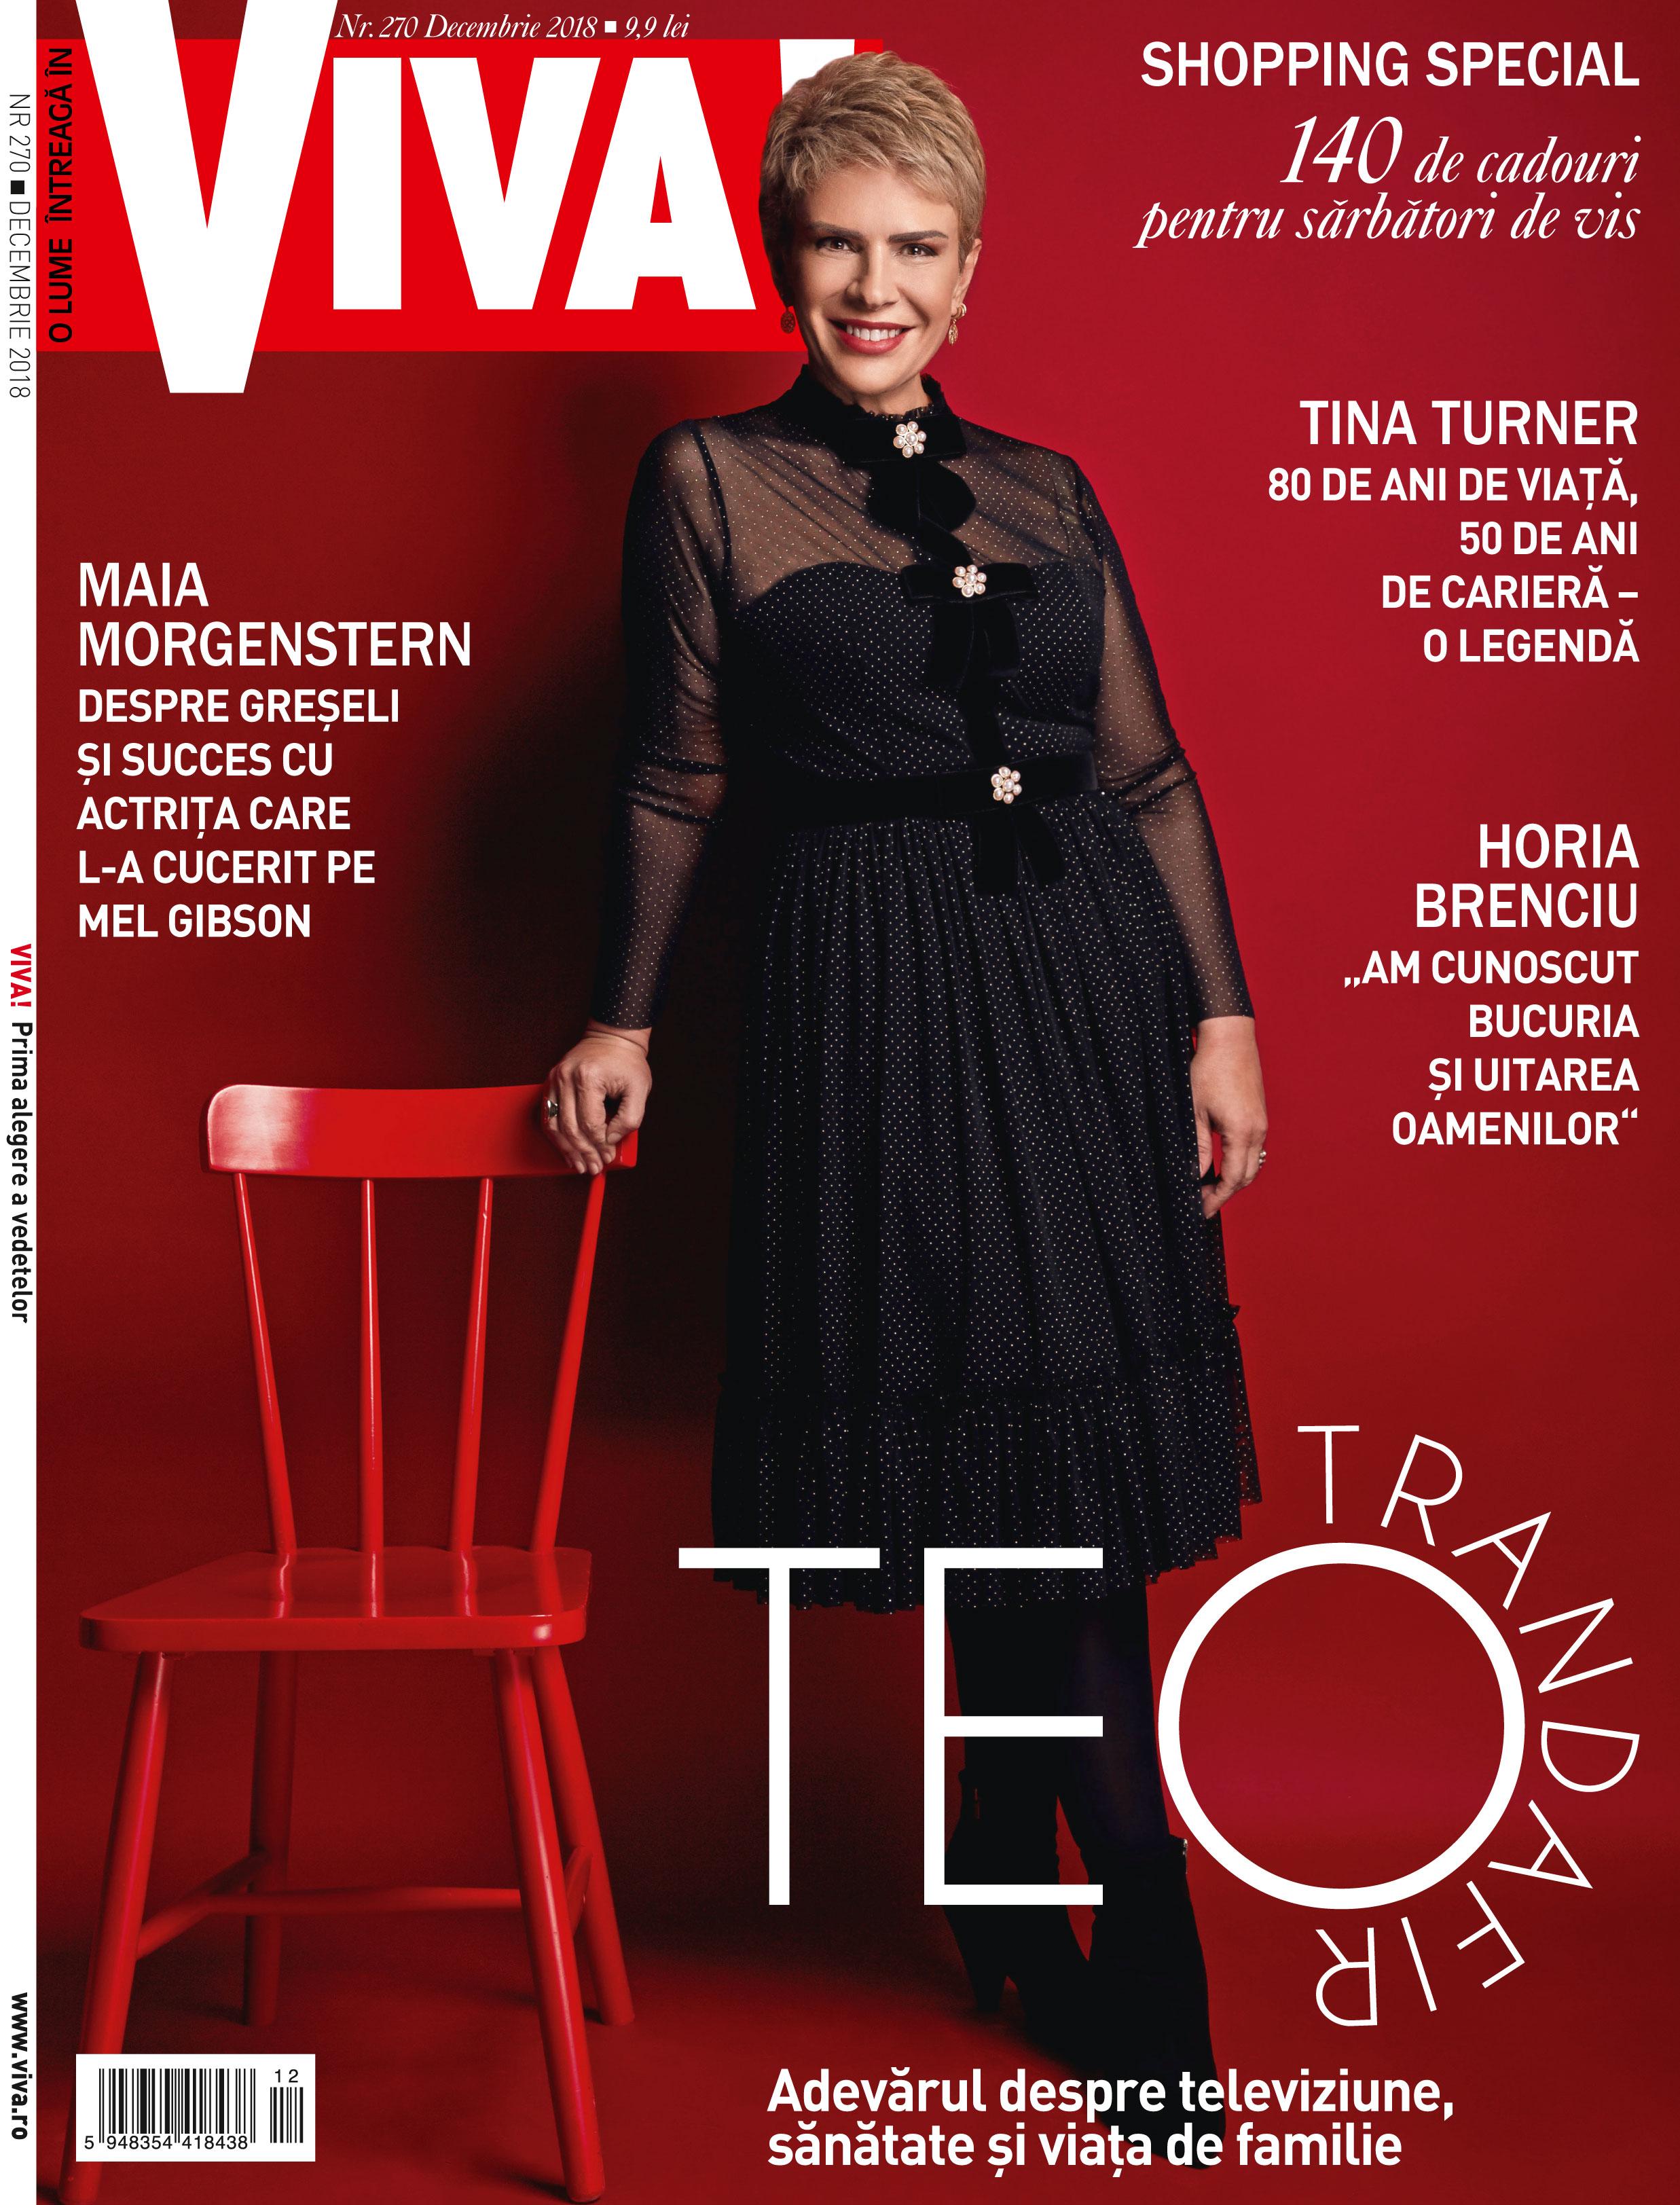 Un decembrie… călduros cu noua ediție VIVA!